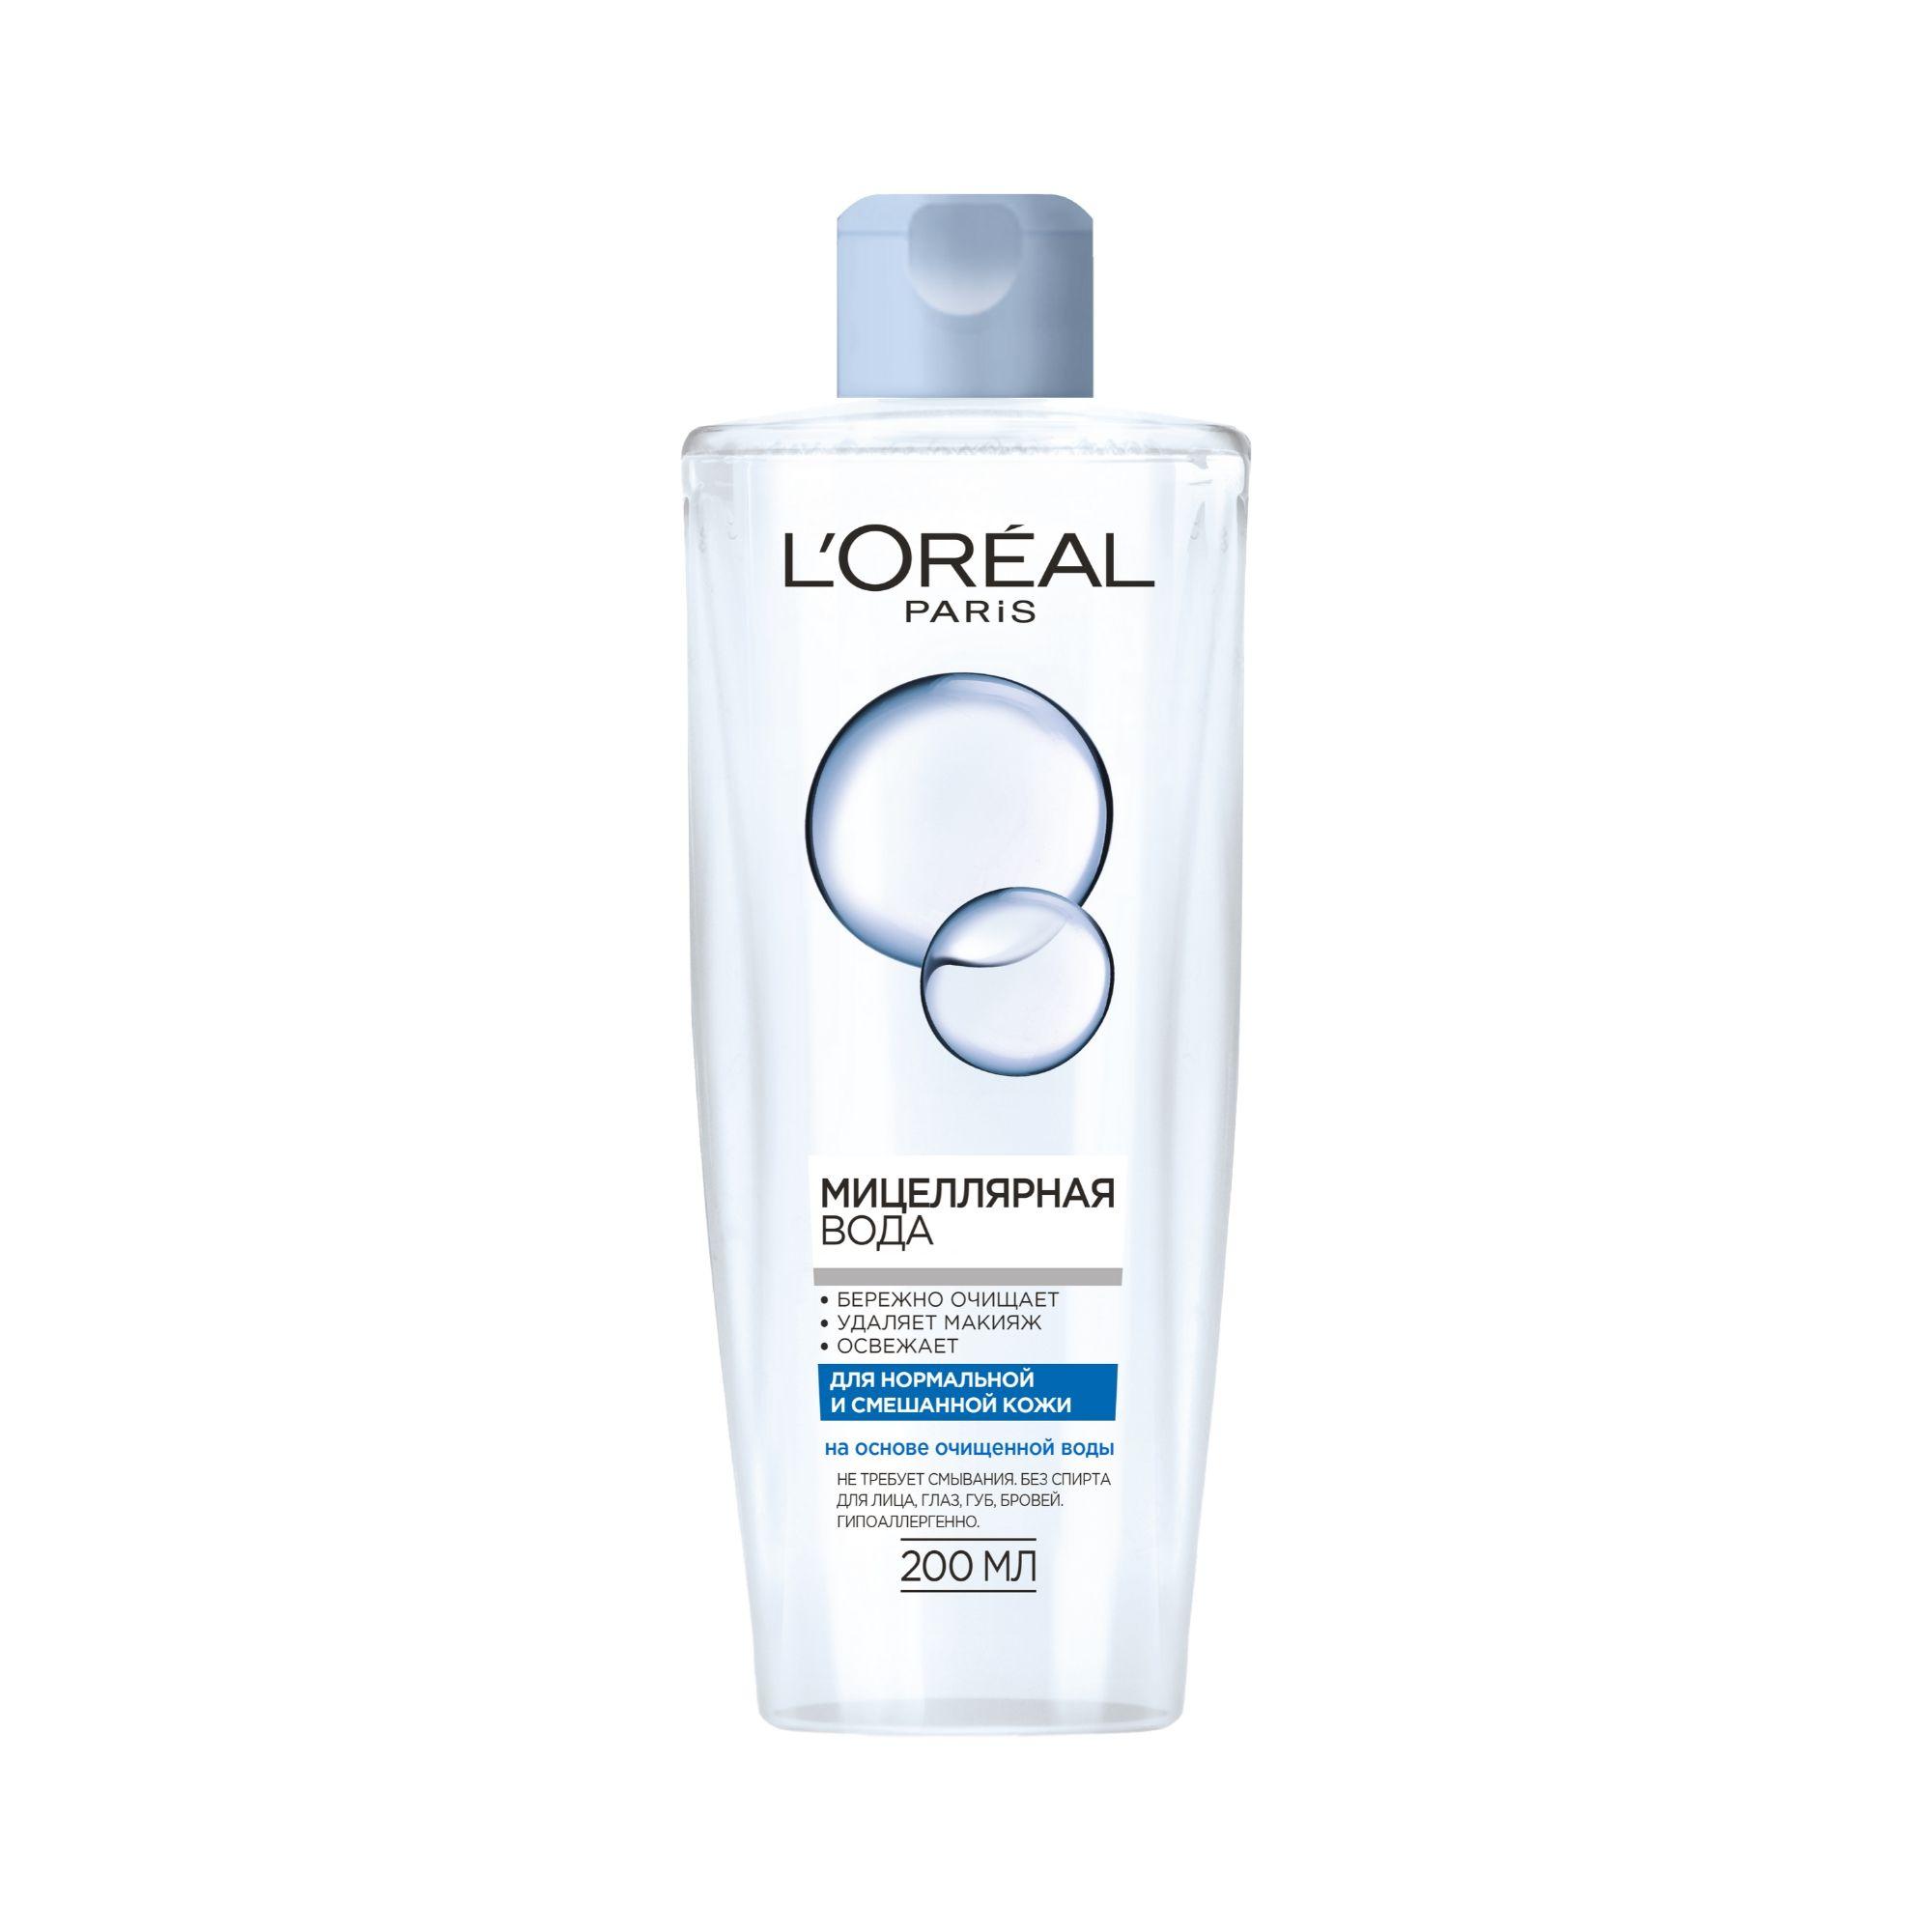 Купить Вода мицеллярная L'oreal для нормальной и смешанной кожи 200 мл, L'Oreal Paris